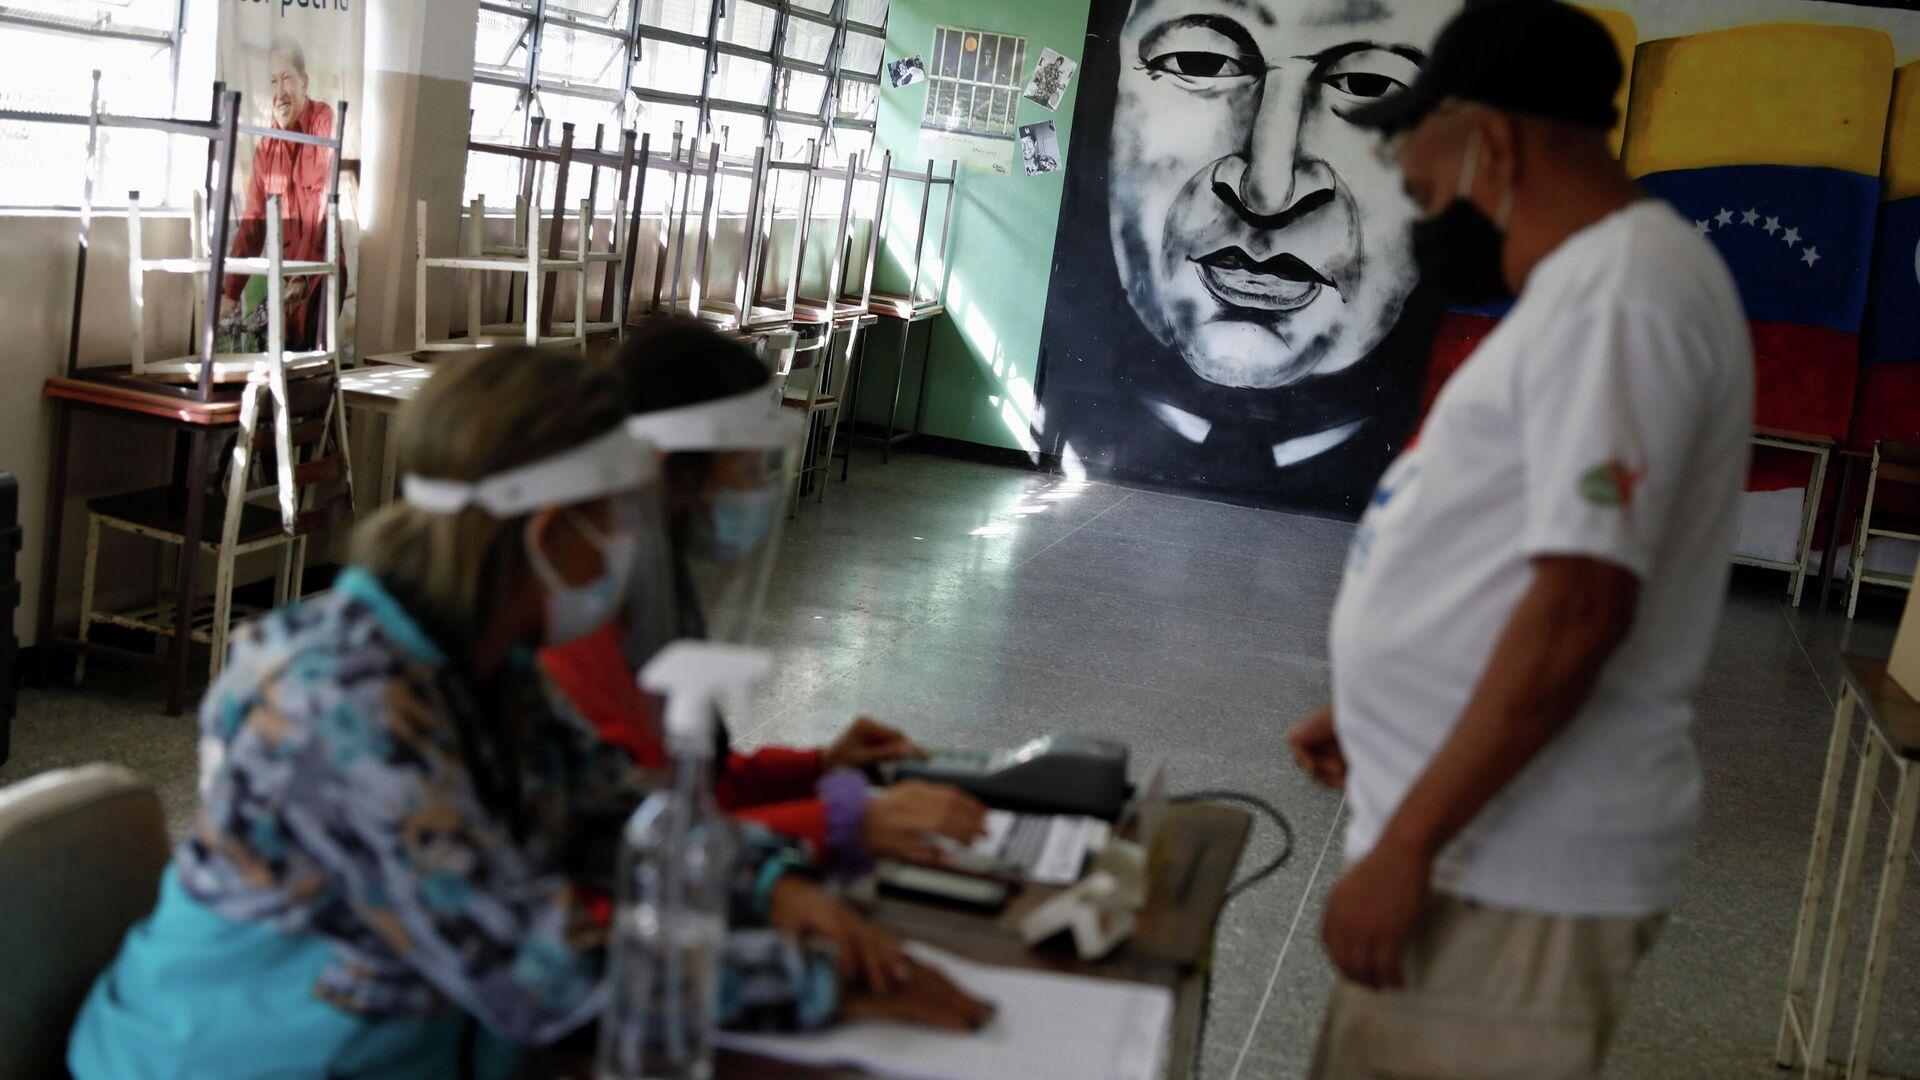 El simulacro de votación en Venezuela - Sputnik Mundo, 1920, 11.10.2021